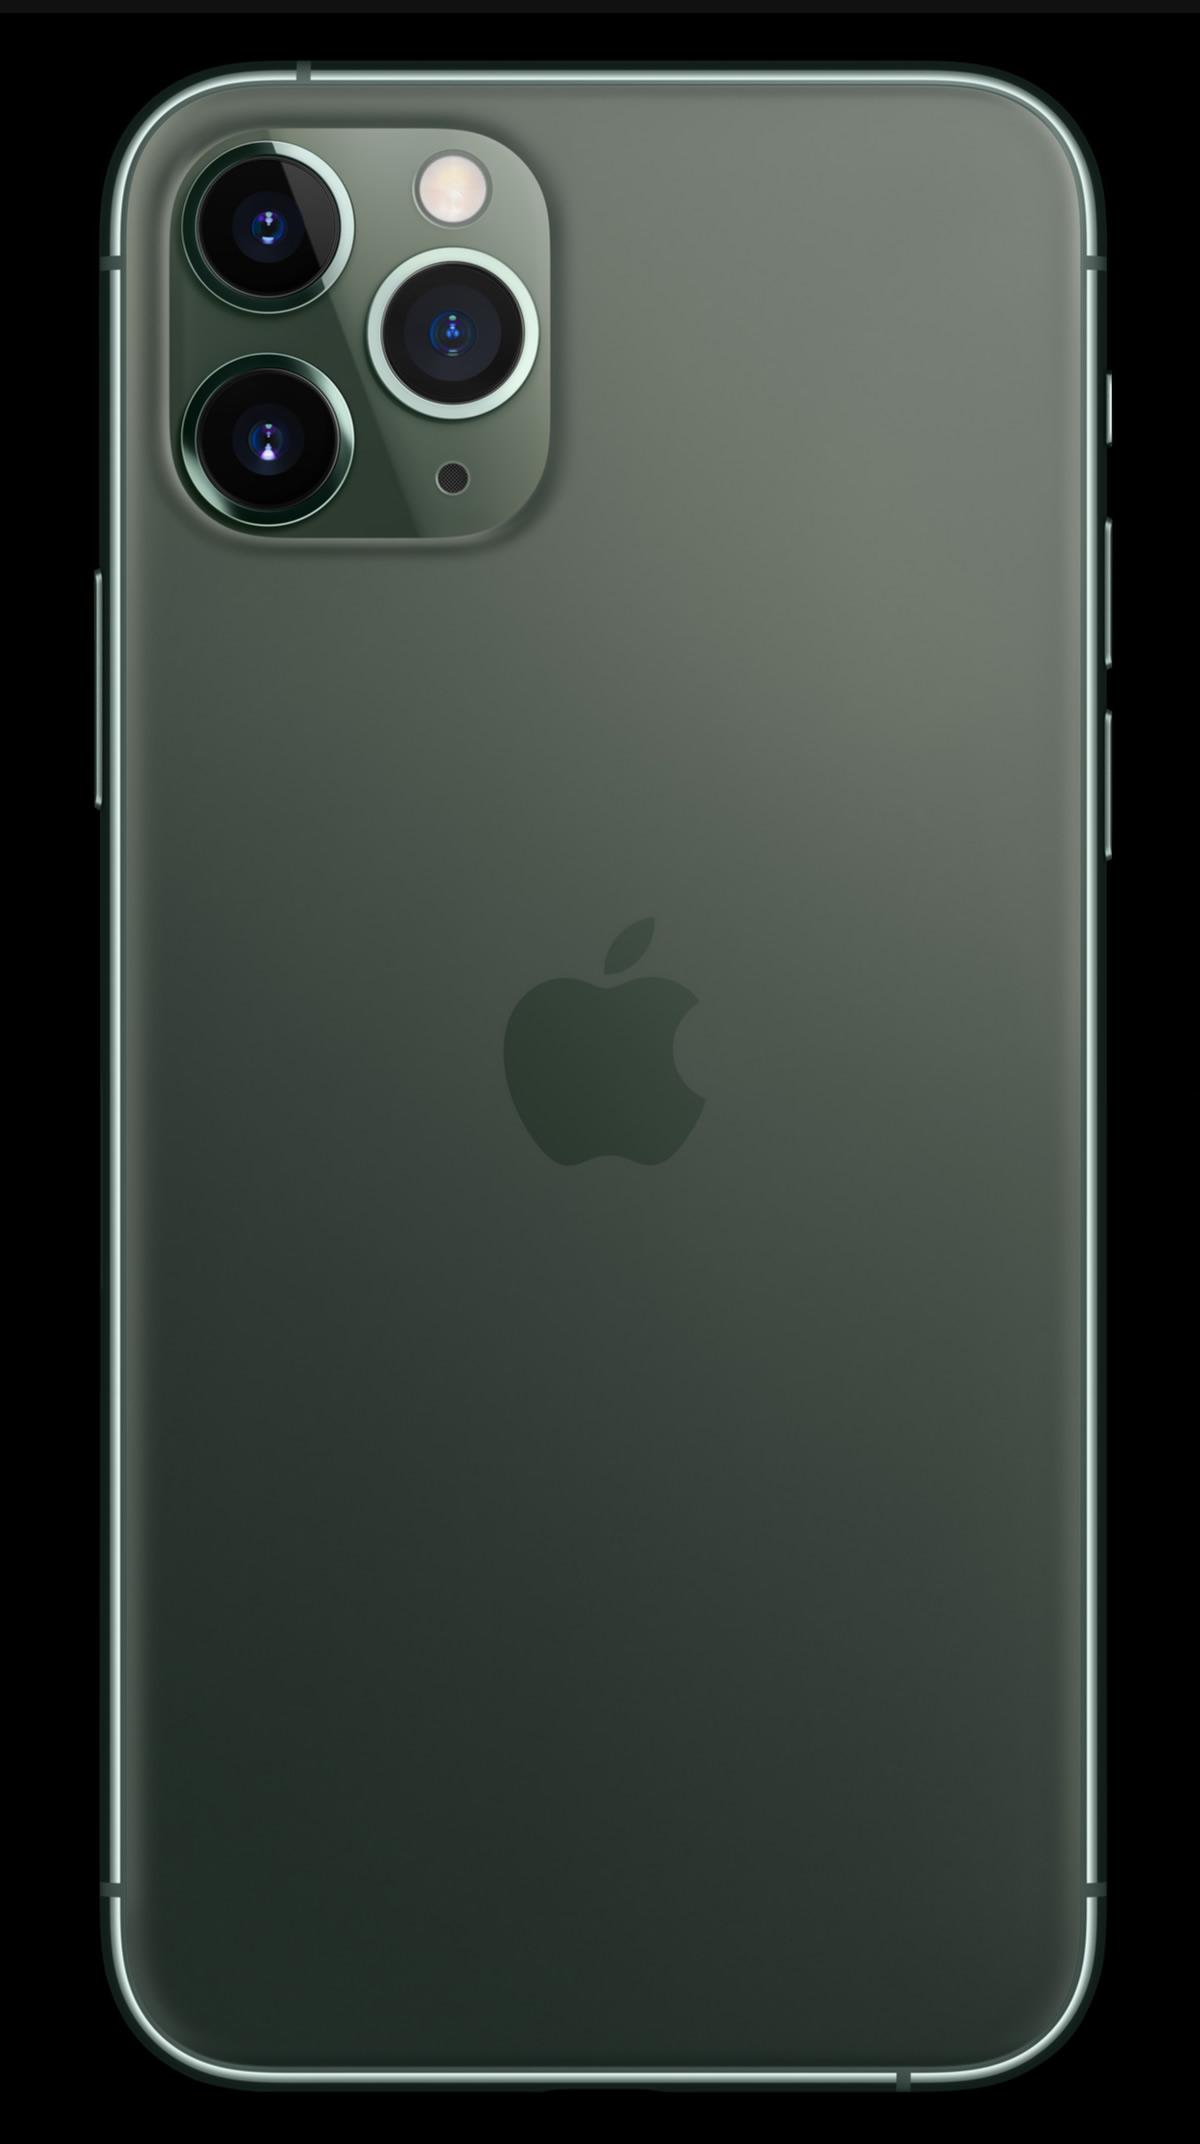 iphone 11 conoce a fondo el nuevo celular de apple pro y. Black Bedroom Furniture Sets. Home Design Ideas